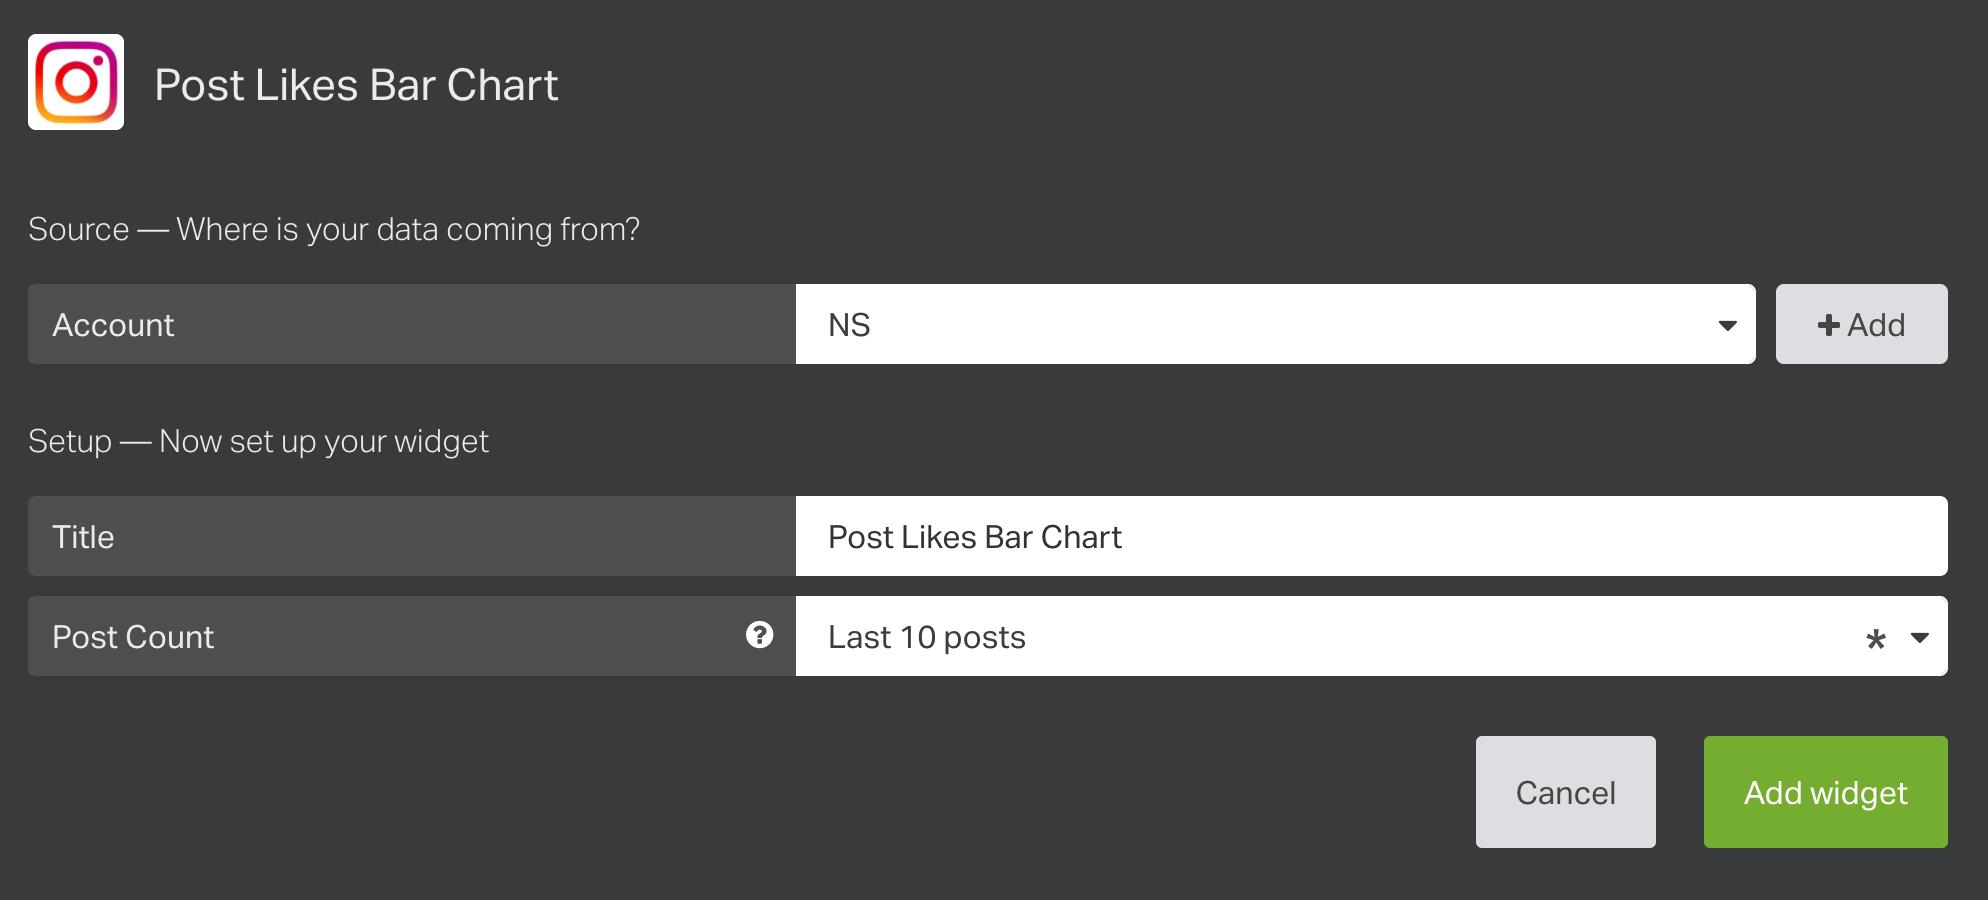 Post_Likes_Bar_Chart.png